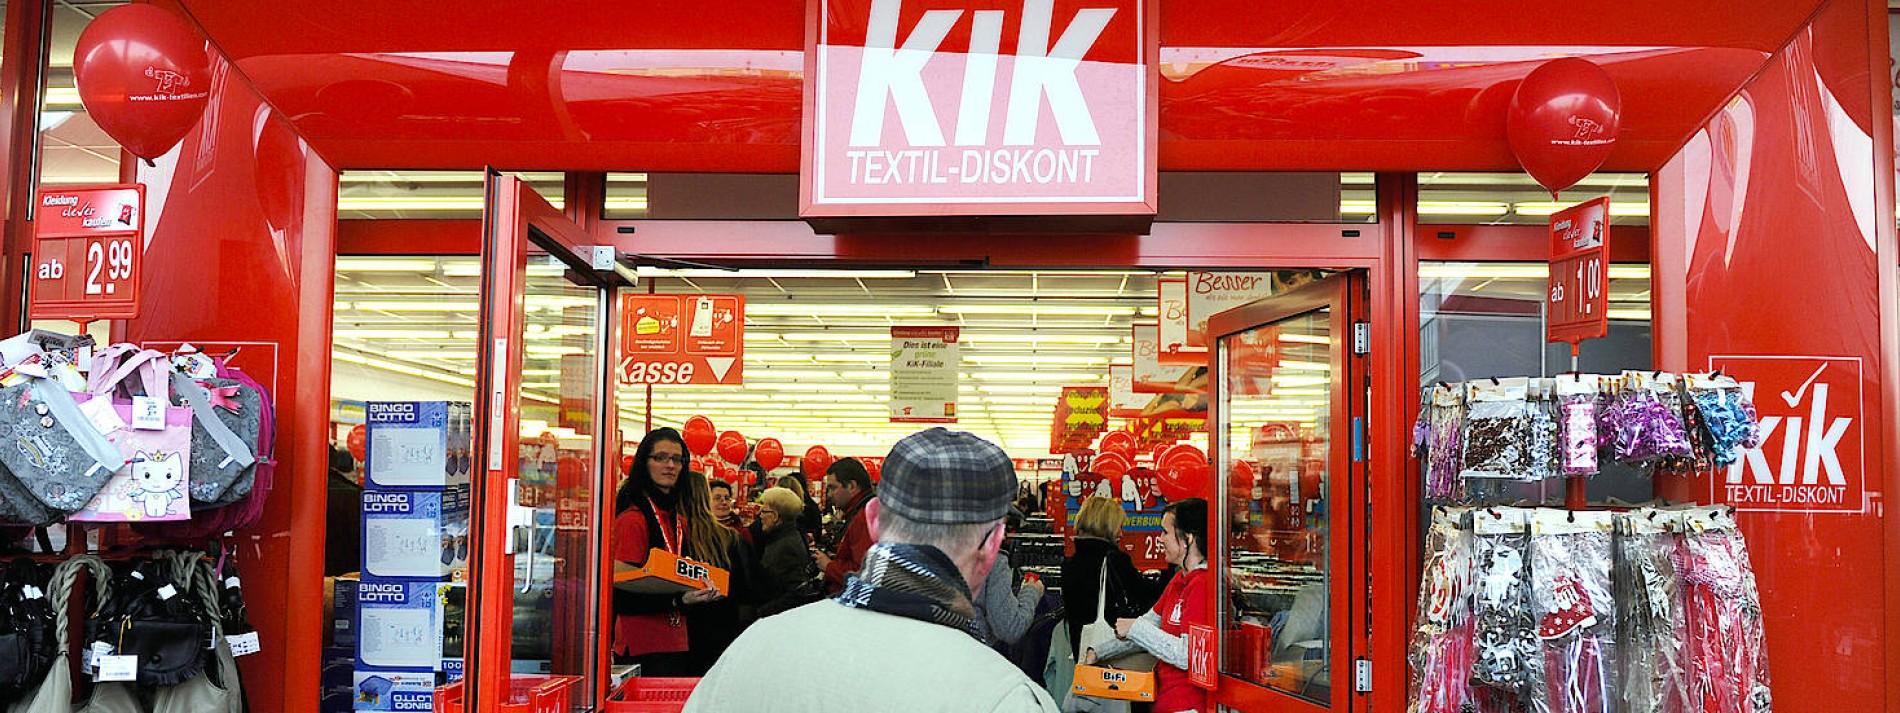 Noch mehr Kik-Läden in deutschen Einkaufsstraßen